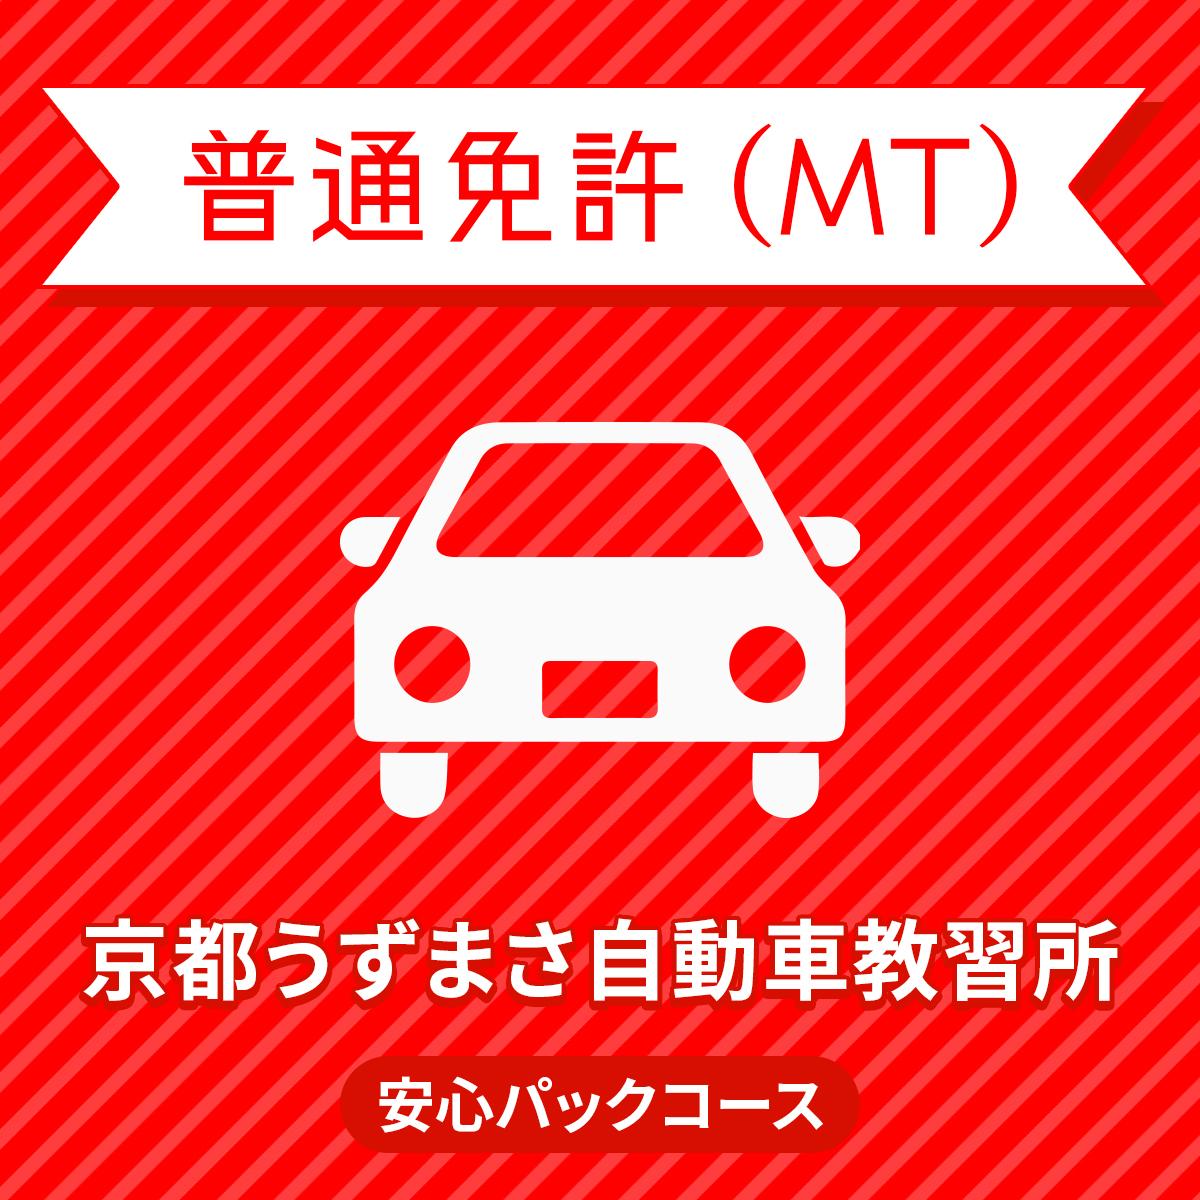 【京都府京都市】普通車MT安心パックコース(一般料金)<18歳~25歳・免許なし/原付免許所持対象>